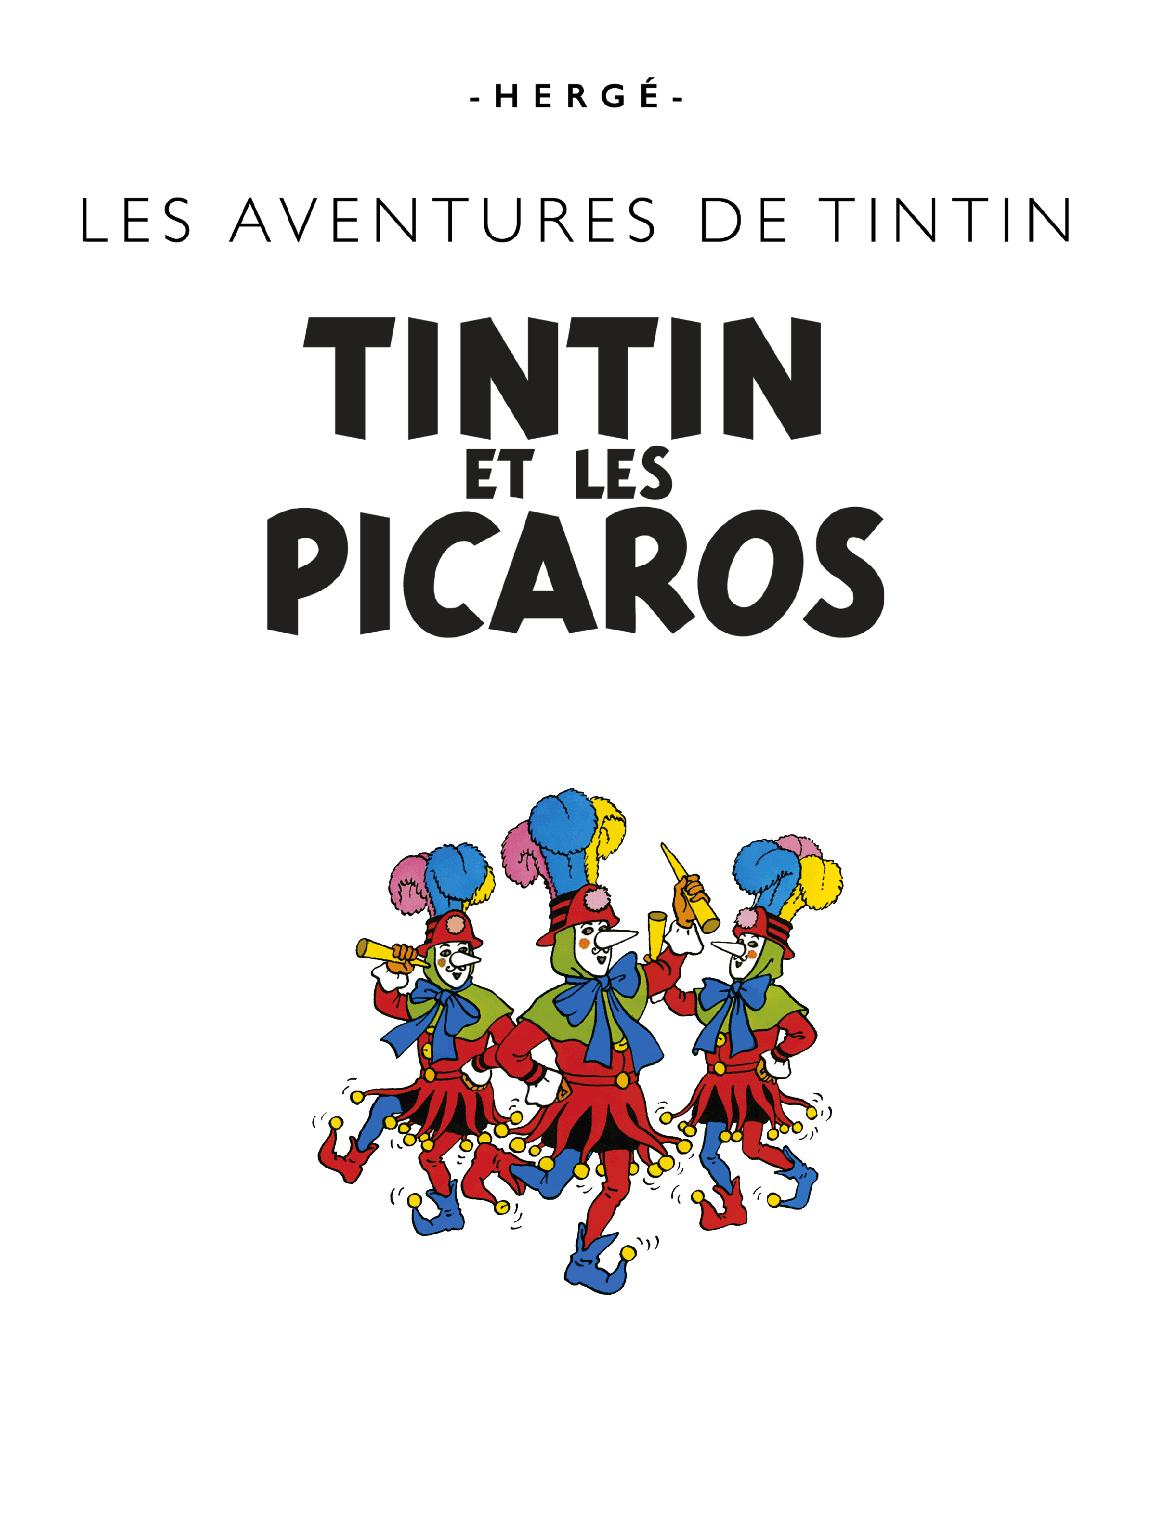 Tintin et les Picaros - Page titre